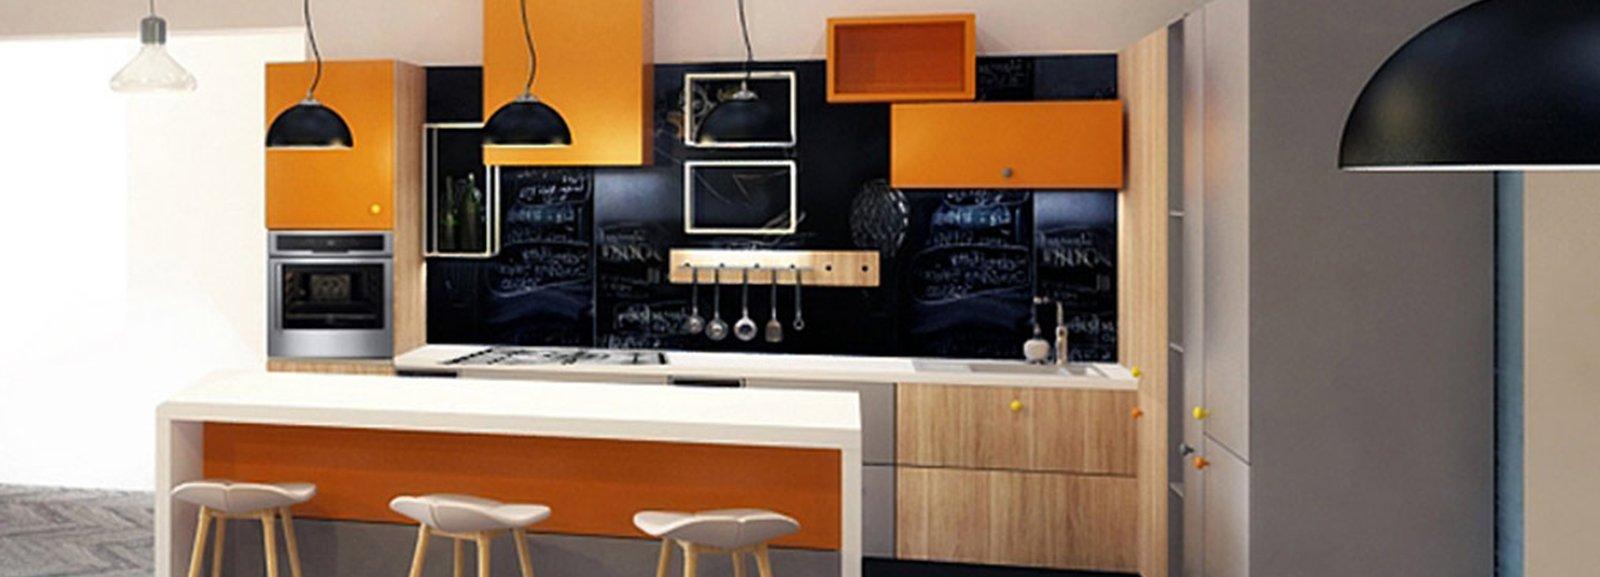 Cucine Con Un Tocco Di Colore : Nuove cucine con un tocco di colore fluo cose casa